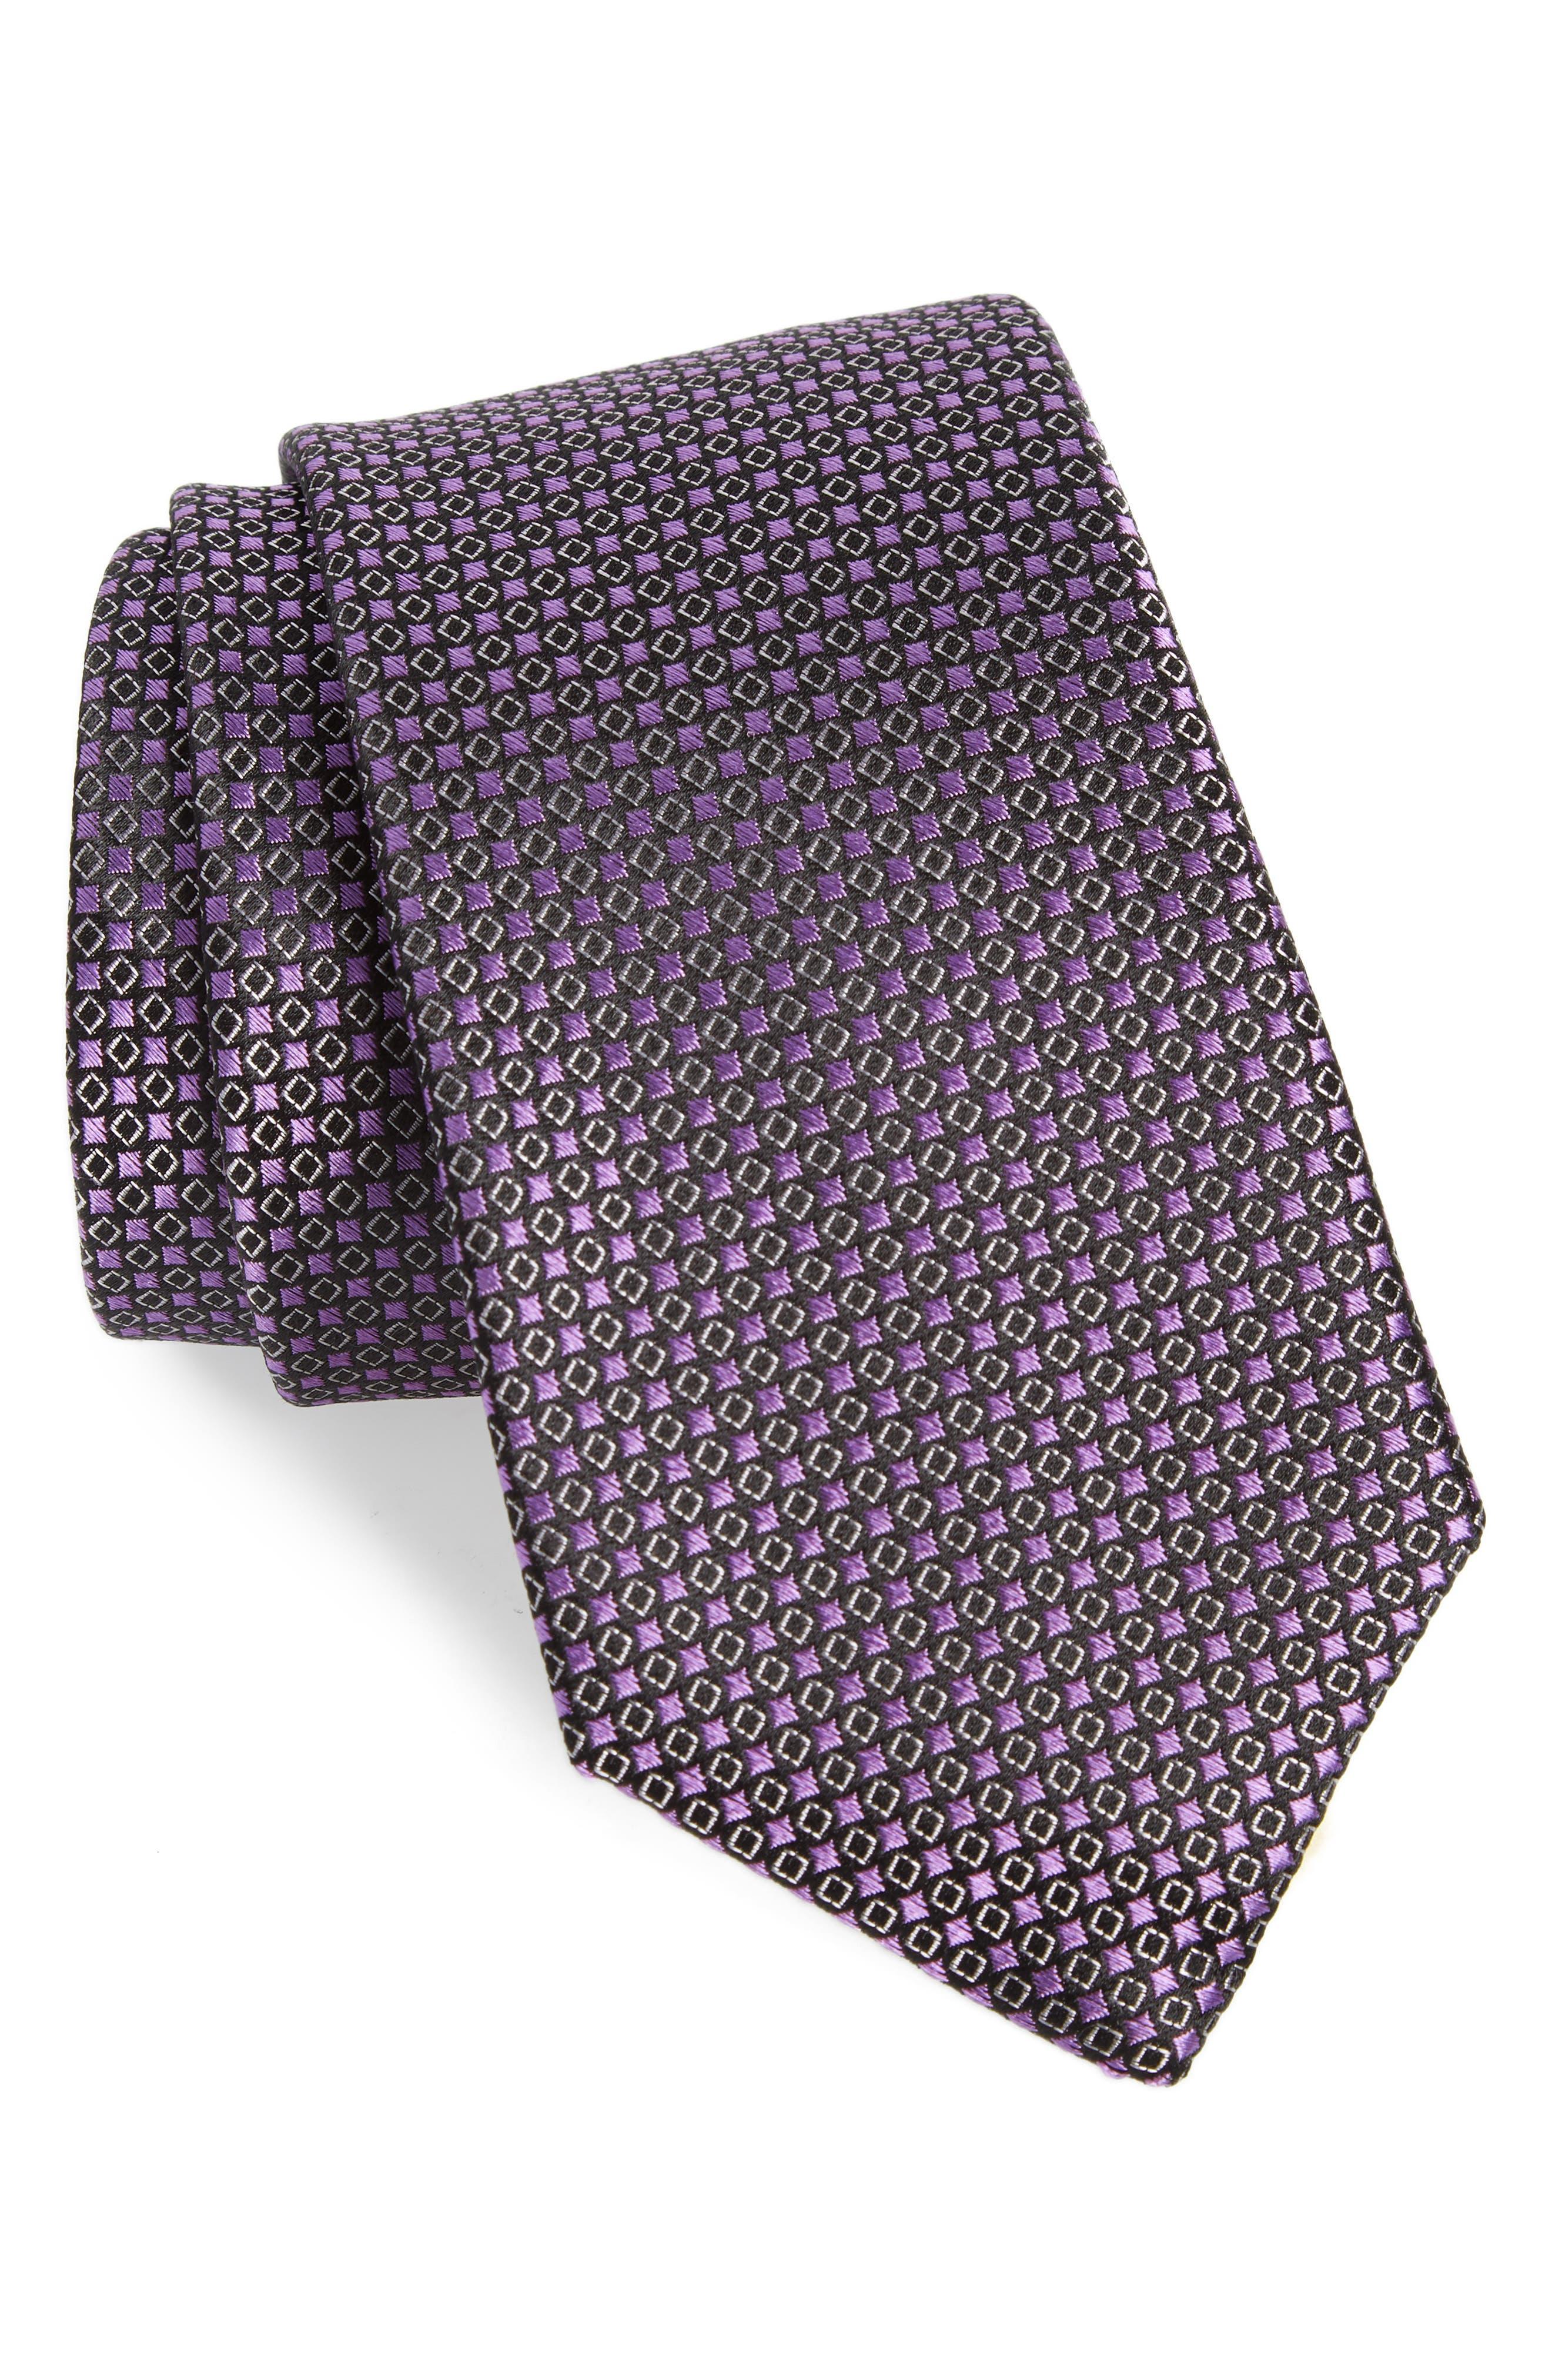 Chad Microdot Silk Tie,                         Main,                         color,